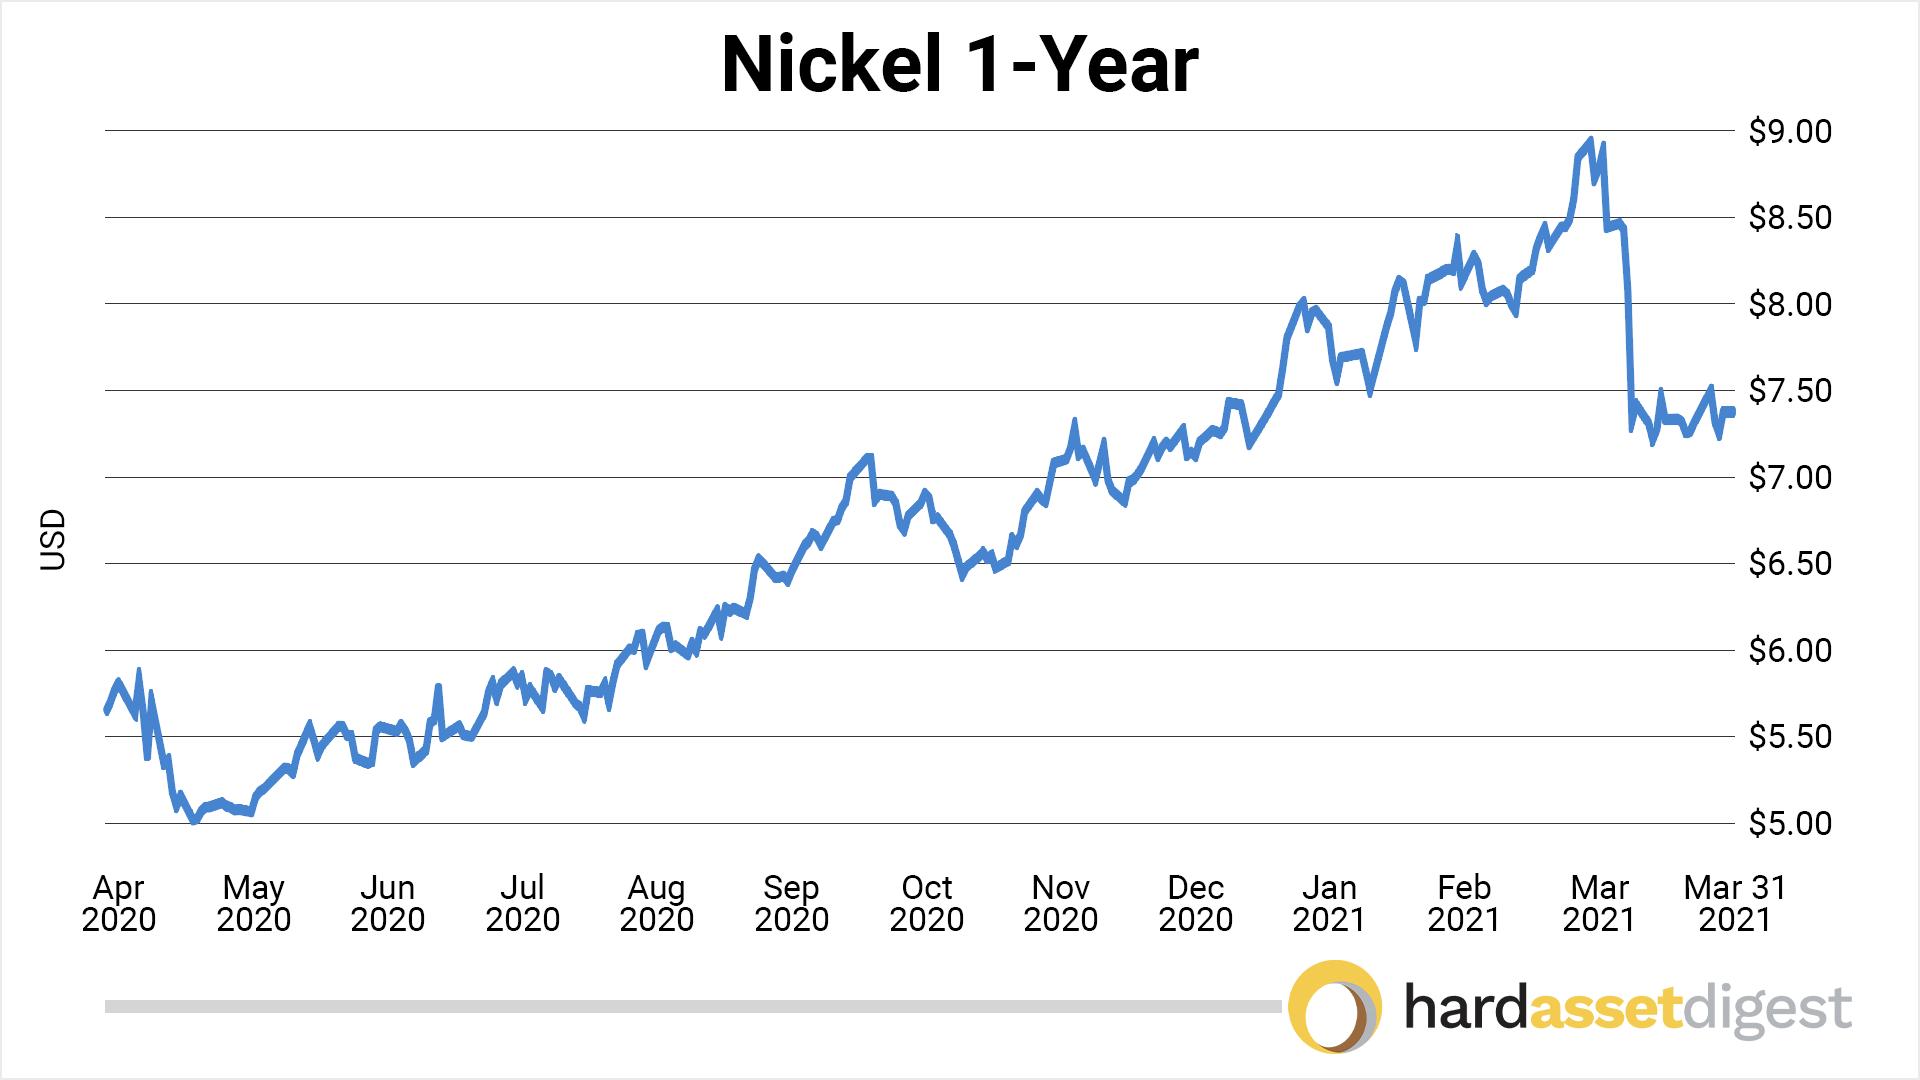 chart-nickel-1-year